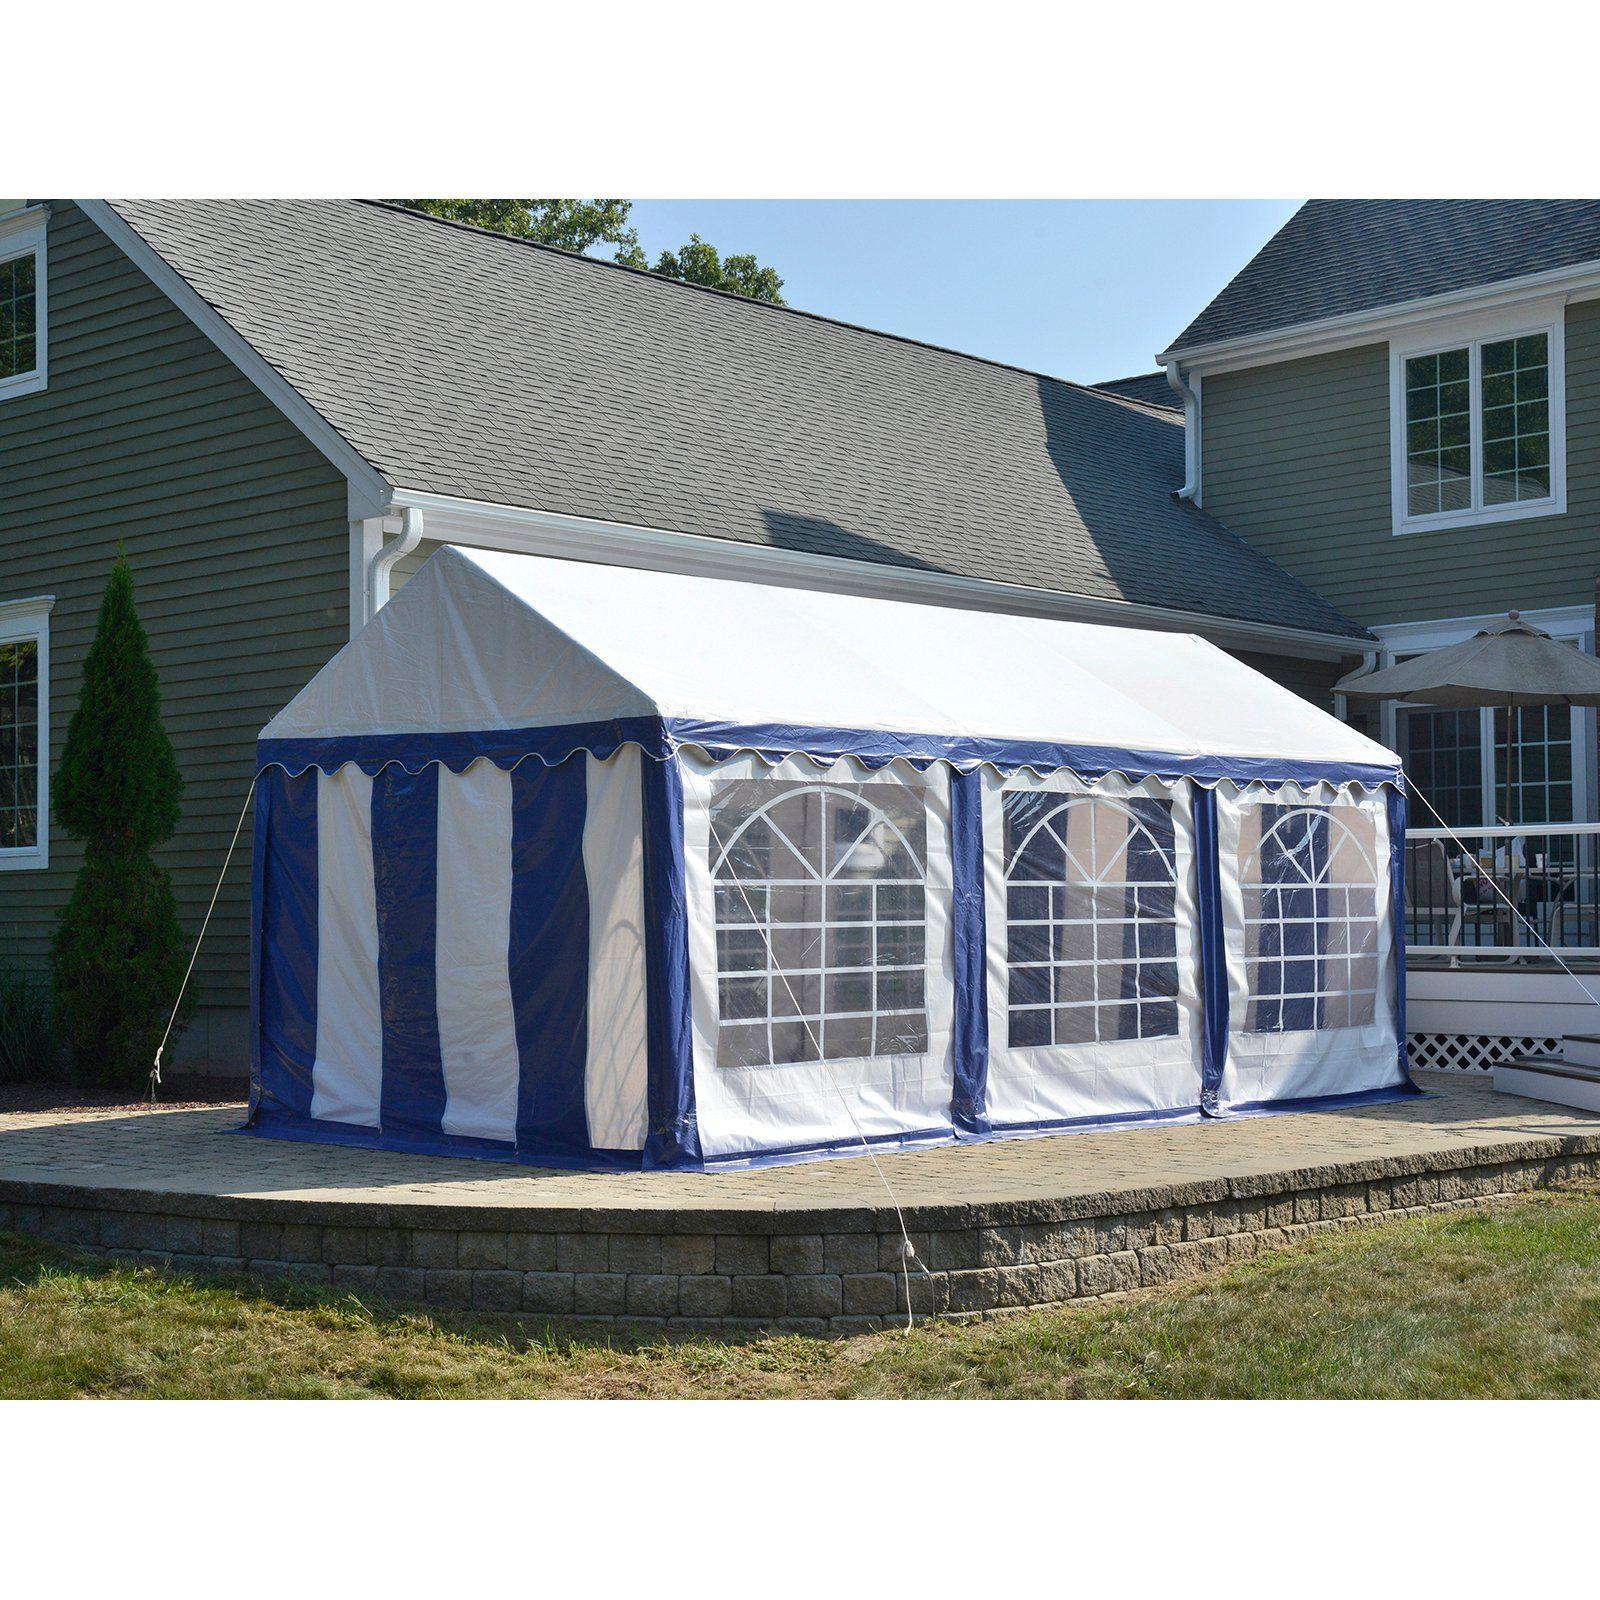 ShelterLogic 10 x 20 ft. Enclosure Kit with Windows Blue ...